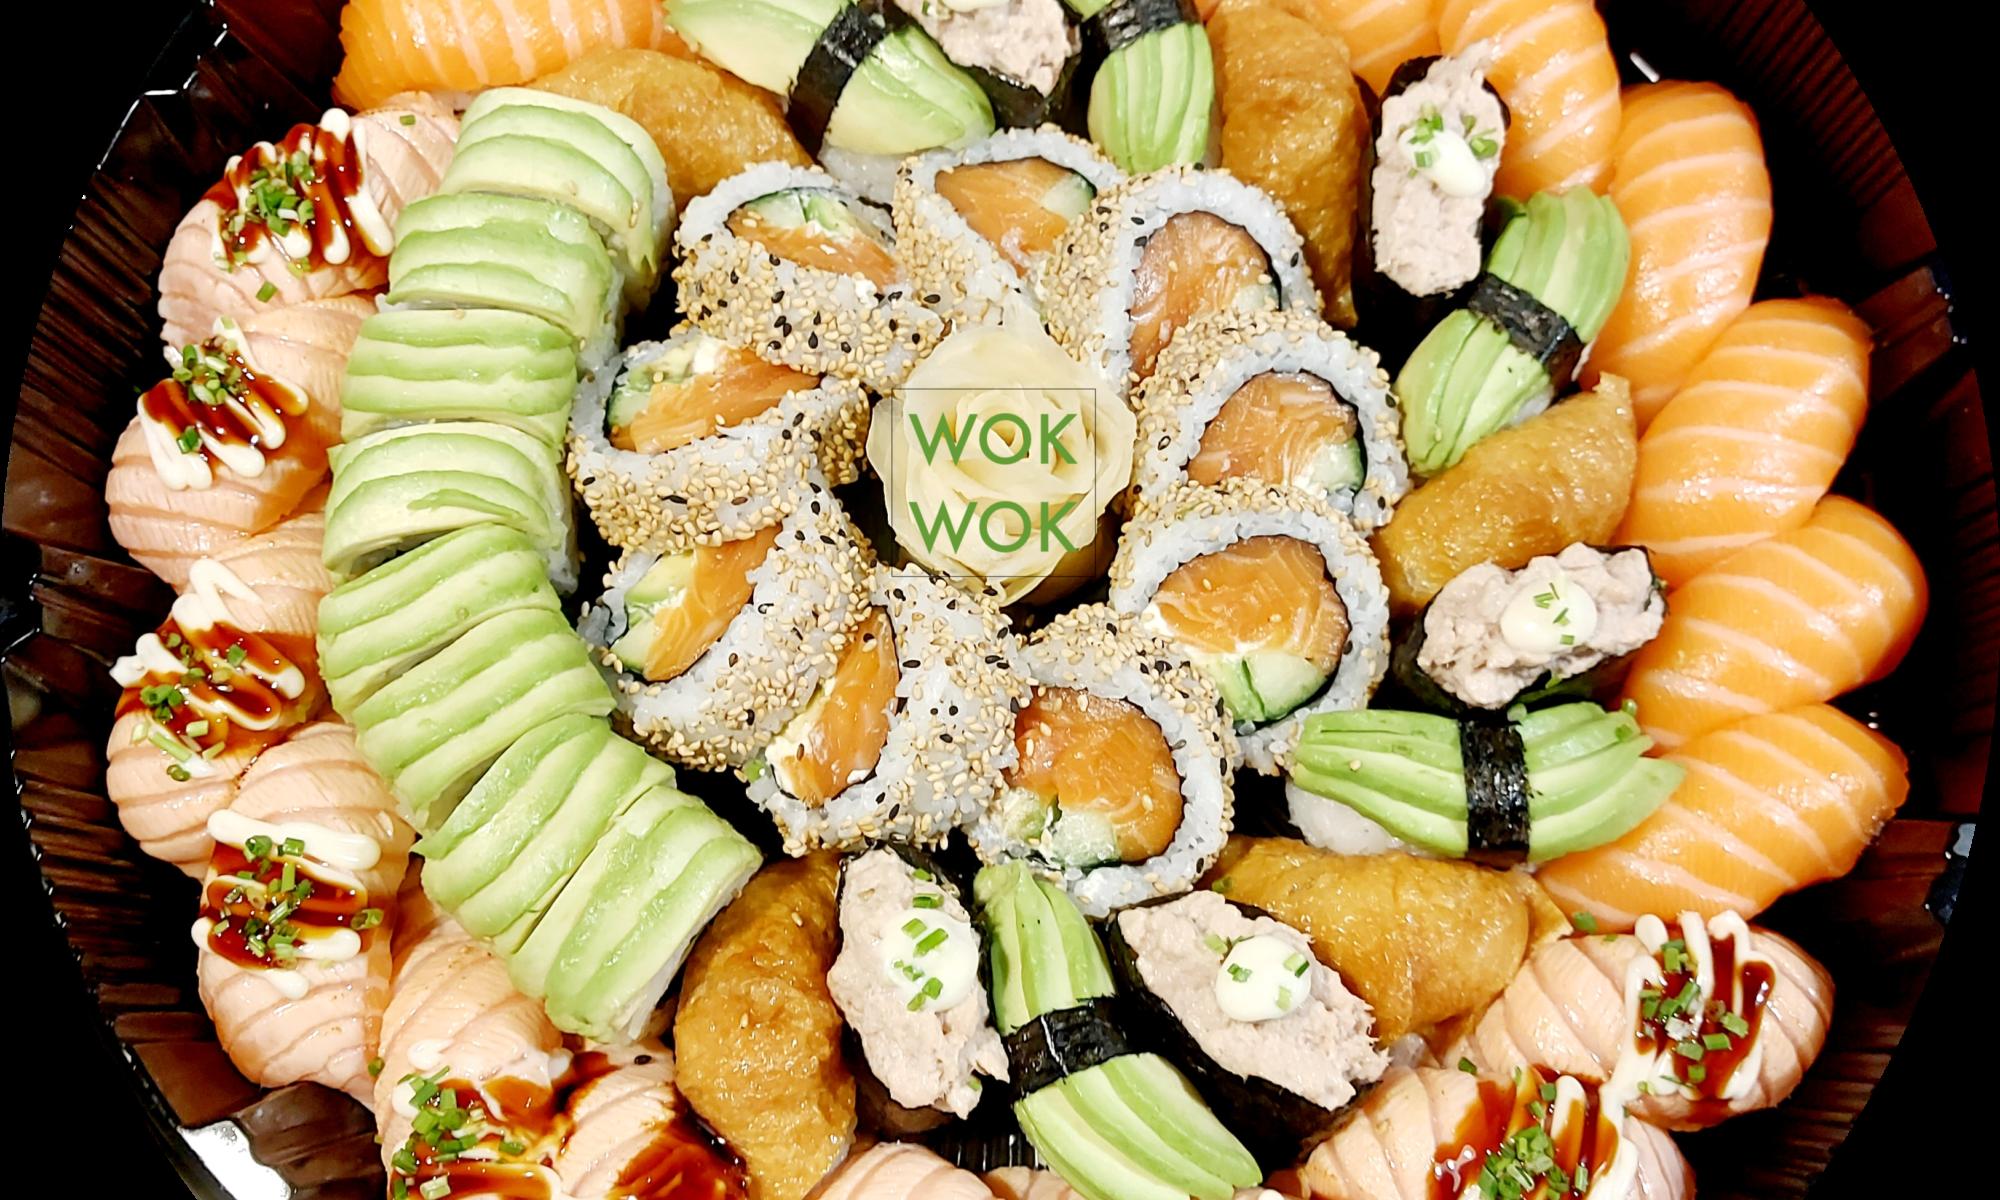 Family sushi setti 52kpl tarjous 42€